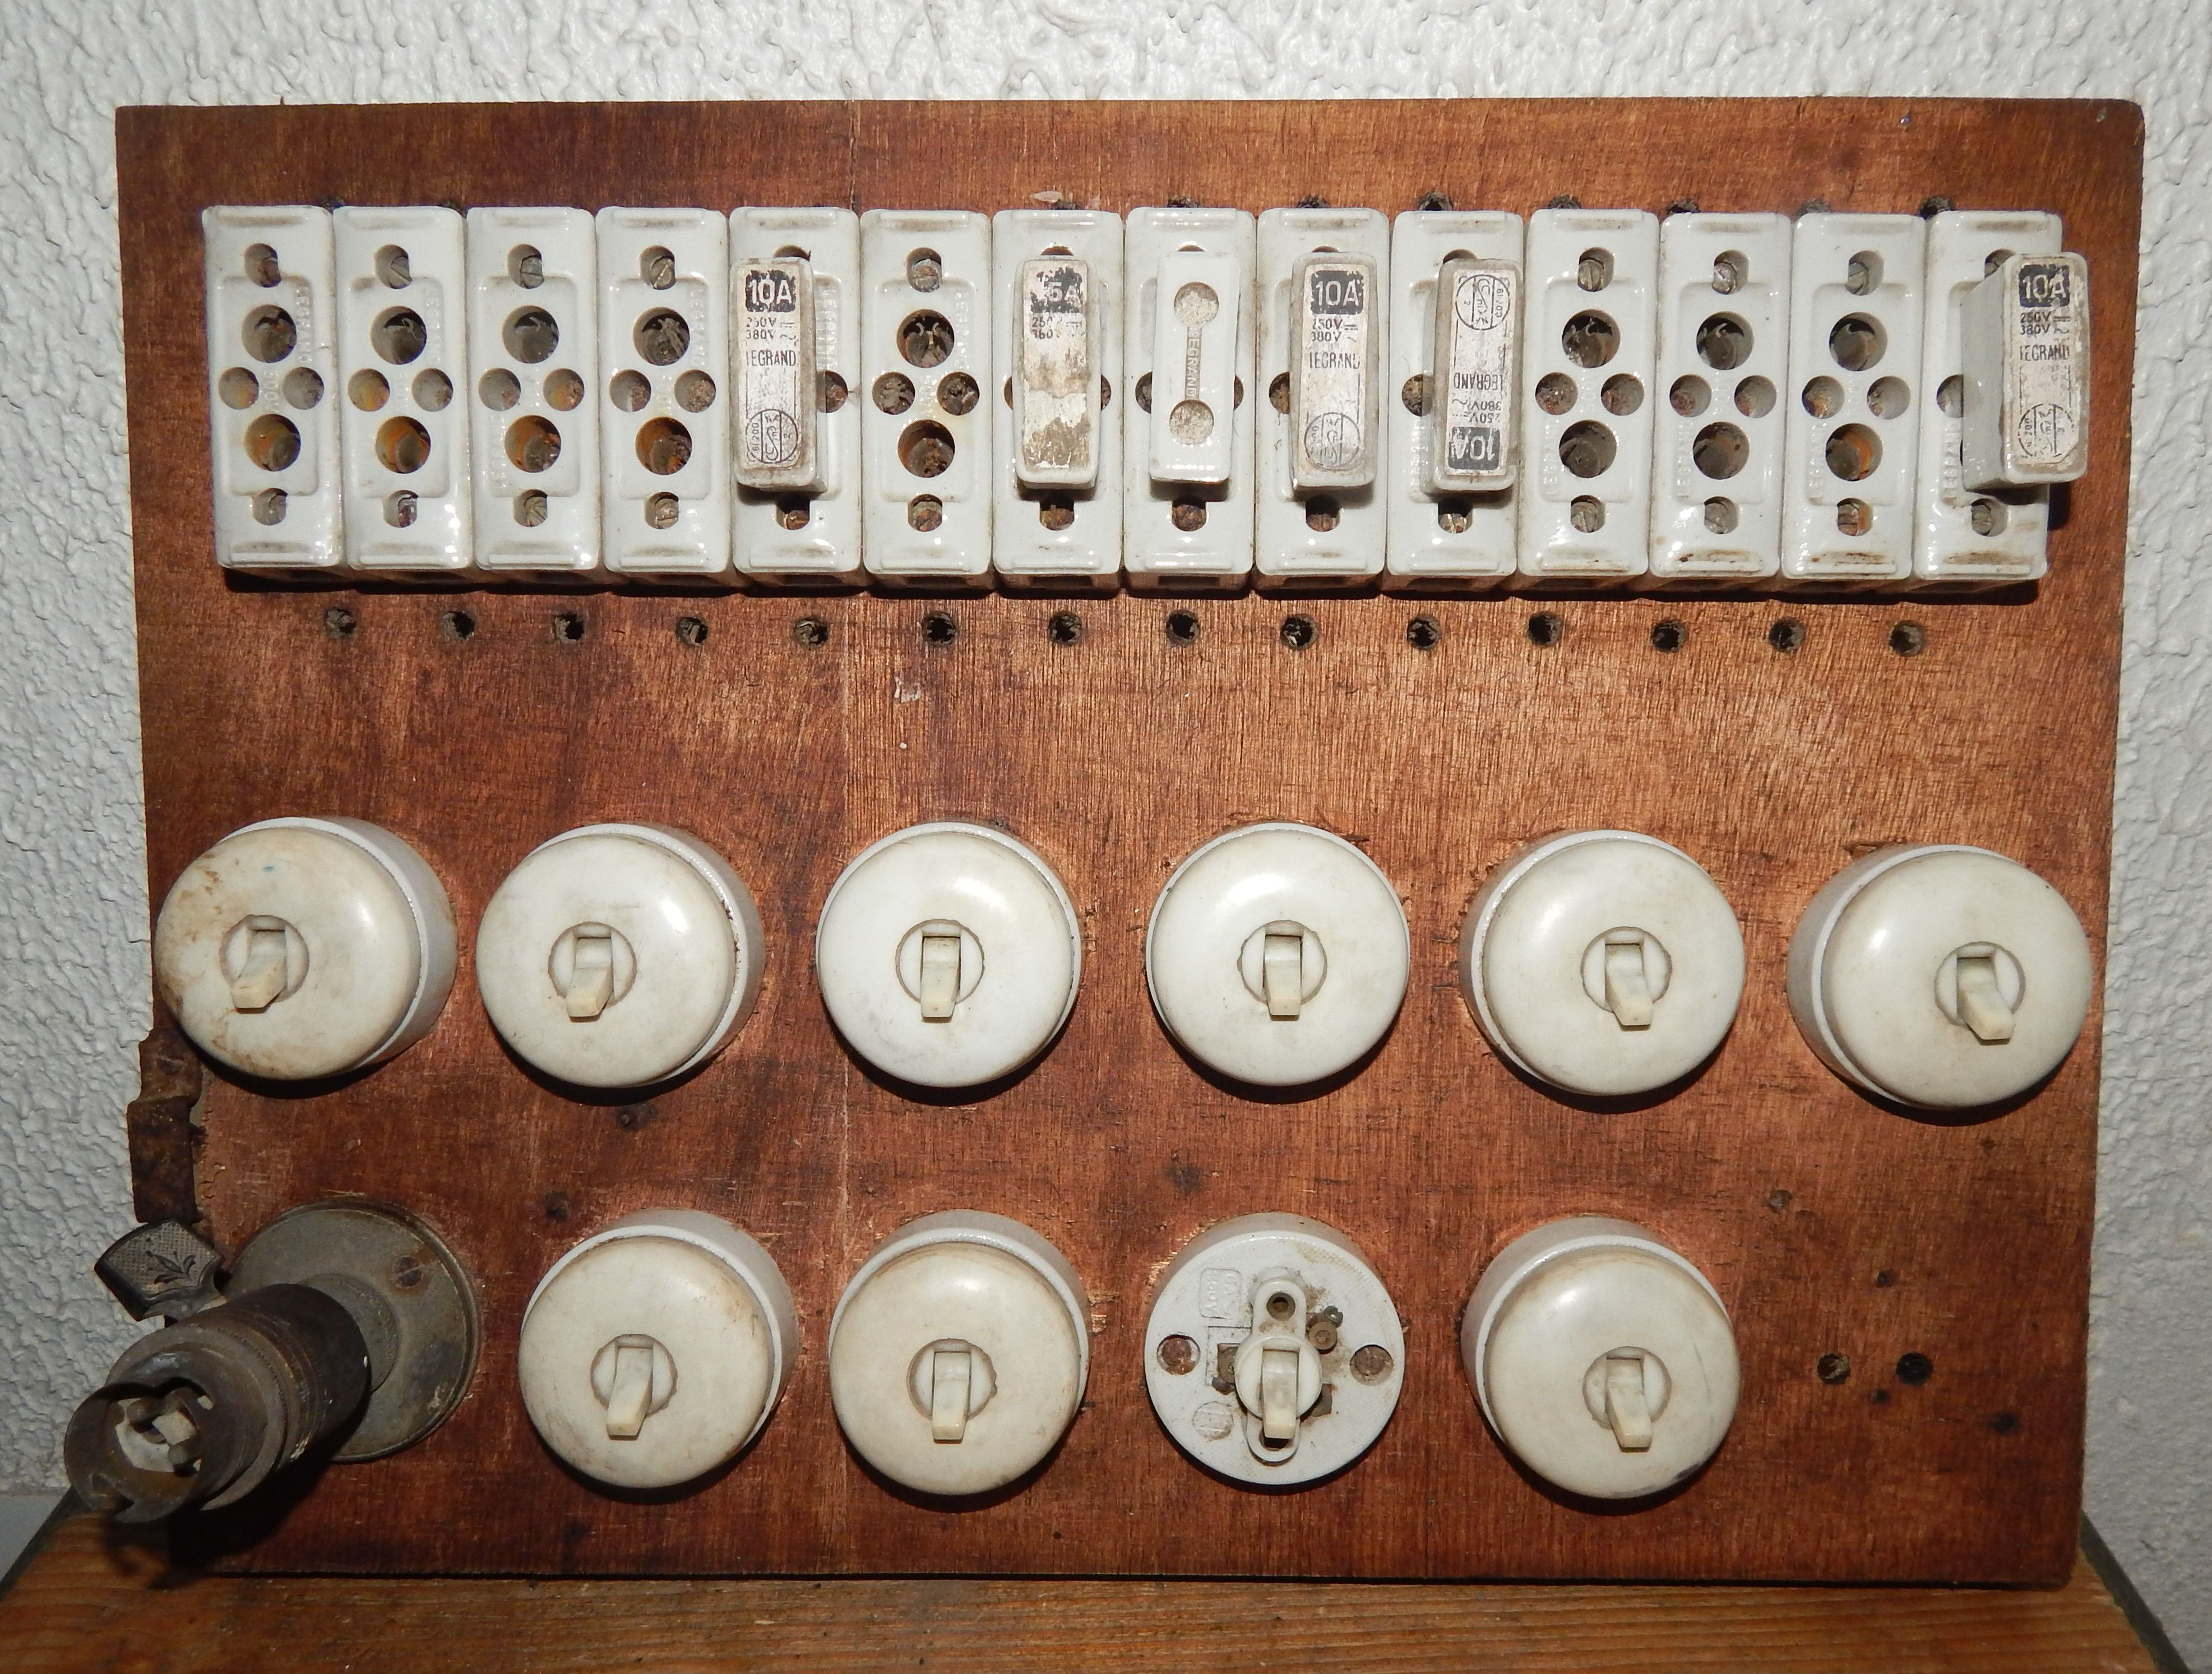 Tableau Electrique A La Fois Vintage Et Loft Industriel Avec Support Fusible En Porcelaine Et Interrupteur D Ep Loft Industriel Tableau Electrique Industriel